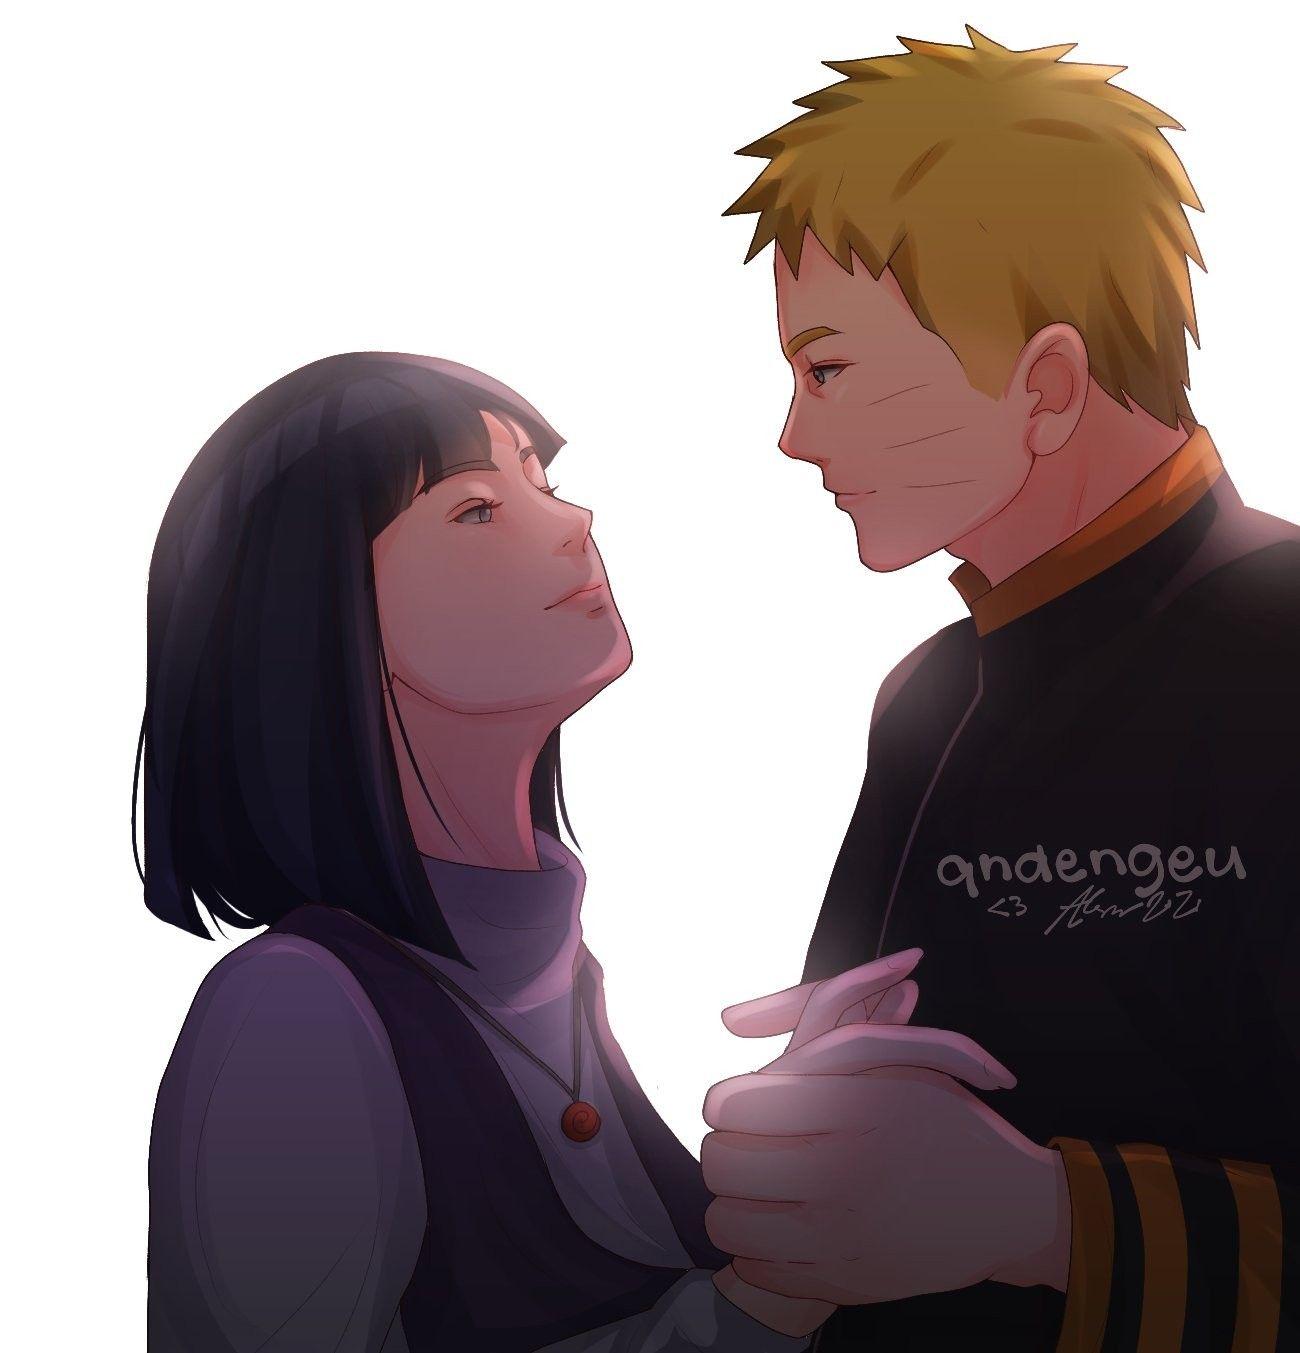 Наруто и Хината, красивые арты их любви (8)